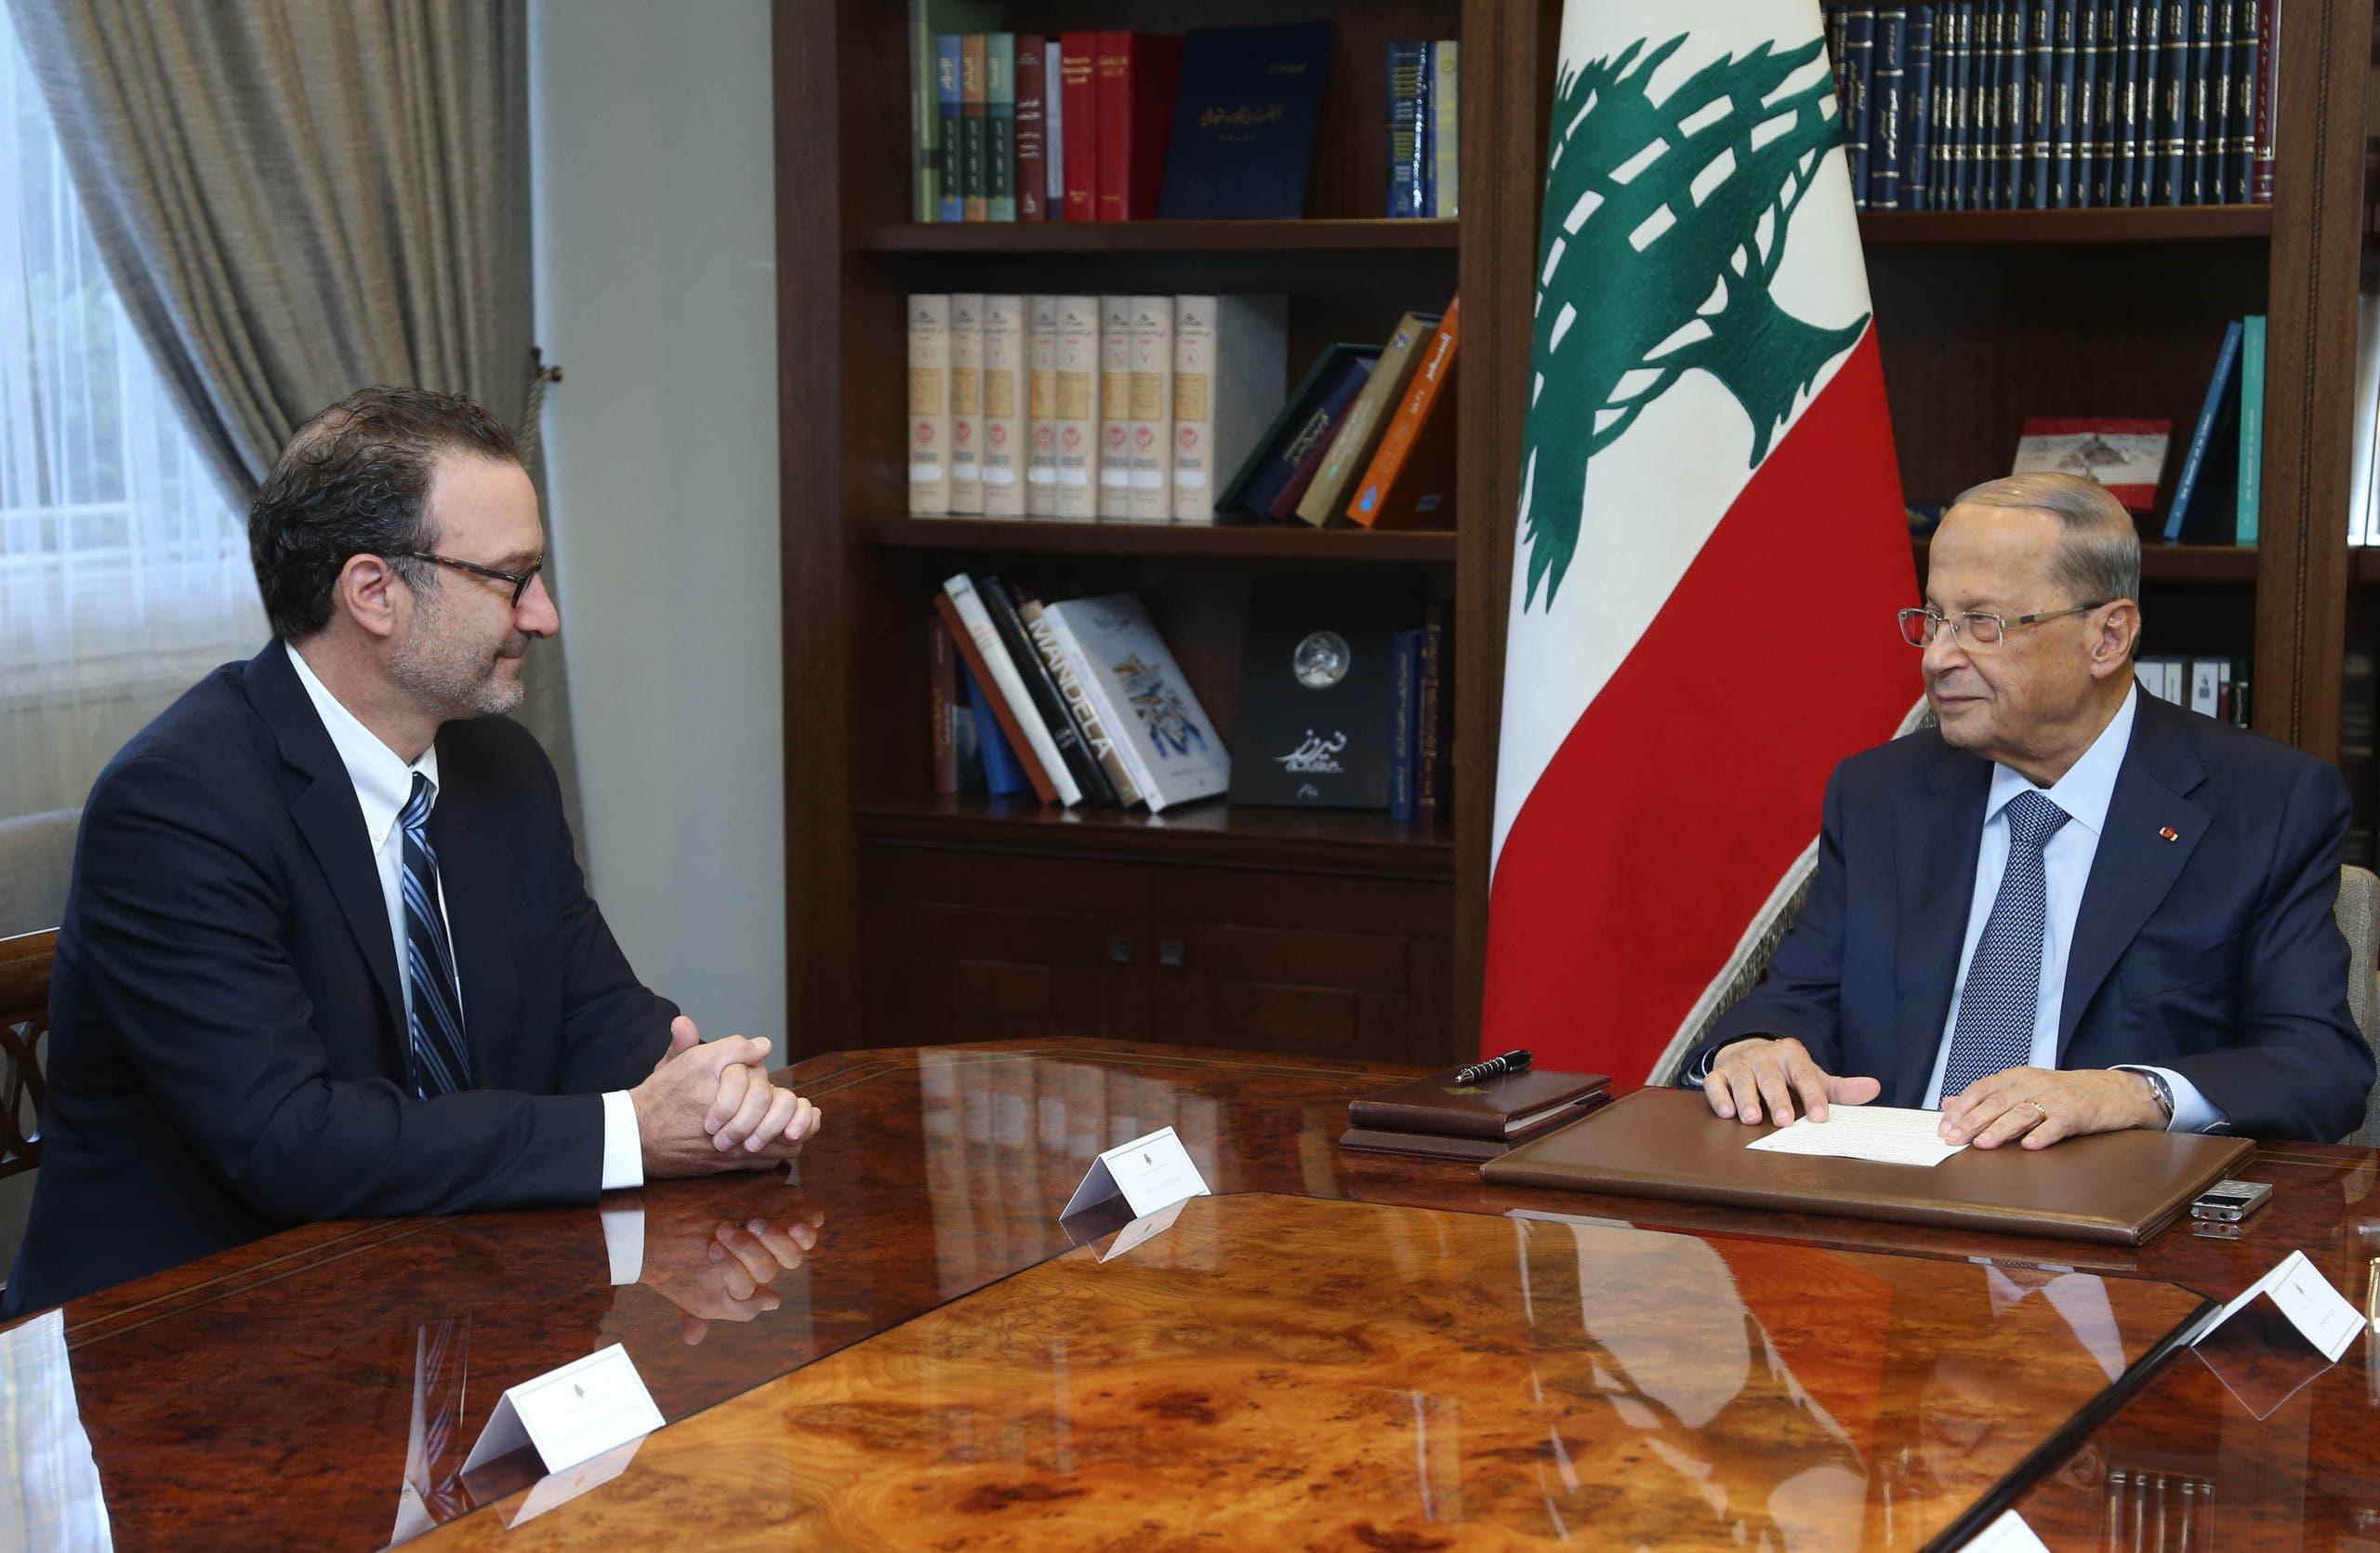 من زيارة سابقة لشينكر إلى بيروت في سبتمر الماضي التقى فيها عدداً من المسؤولين بينهم الرئيس عون ورئيس الحكومة حينها سعد الحريري